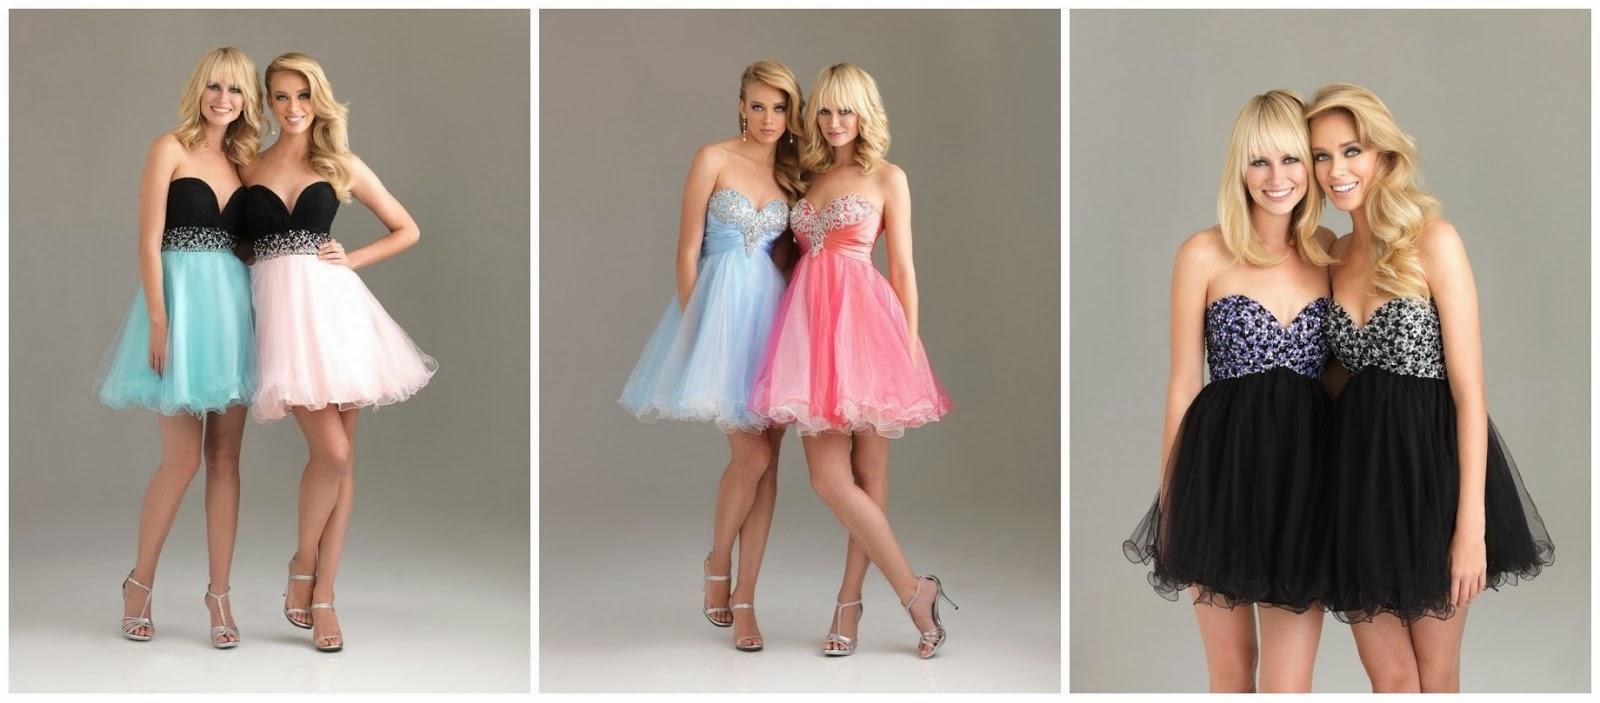 Imagenes de vestidos cortos para graduacion 2013